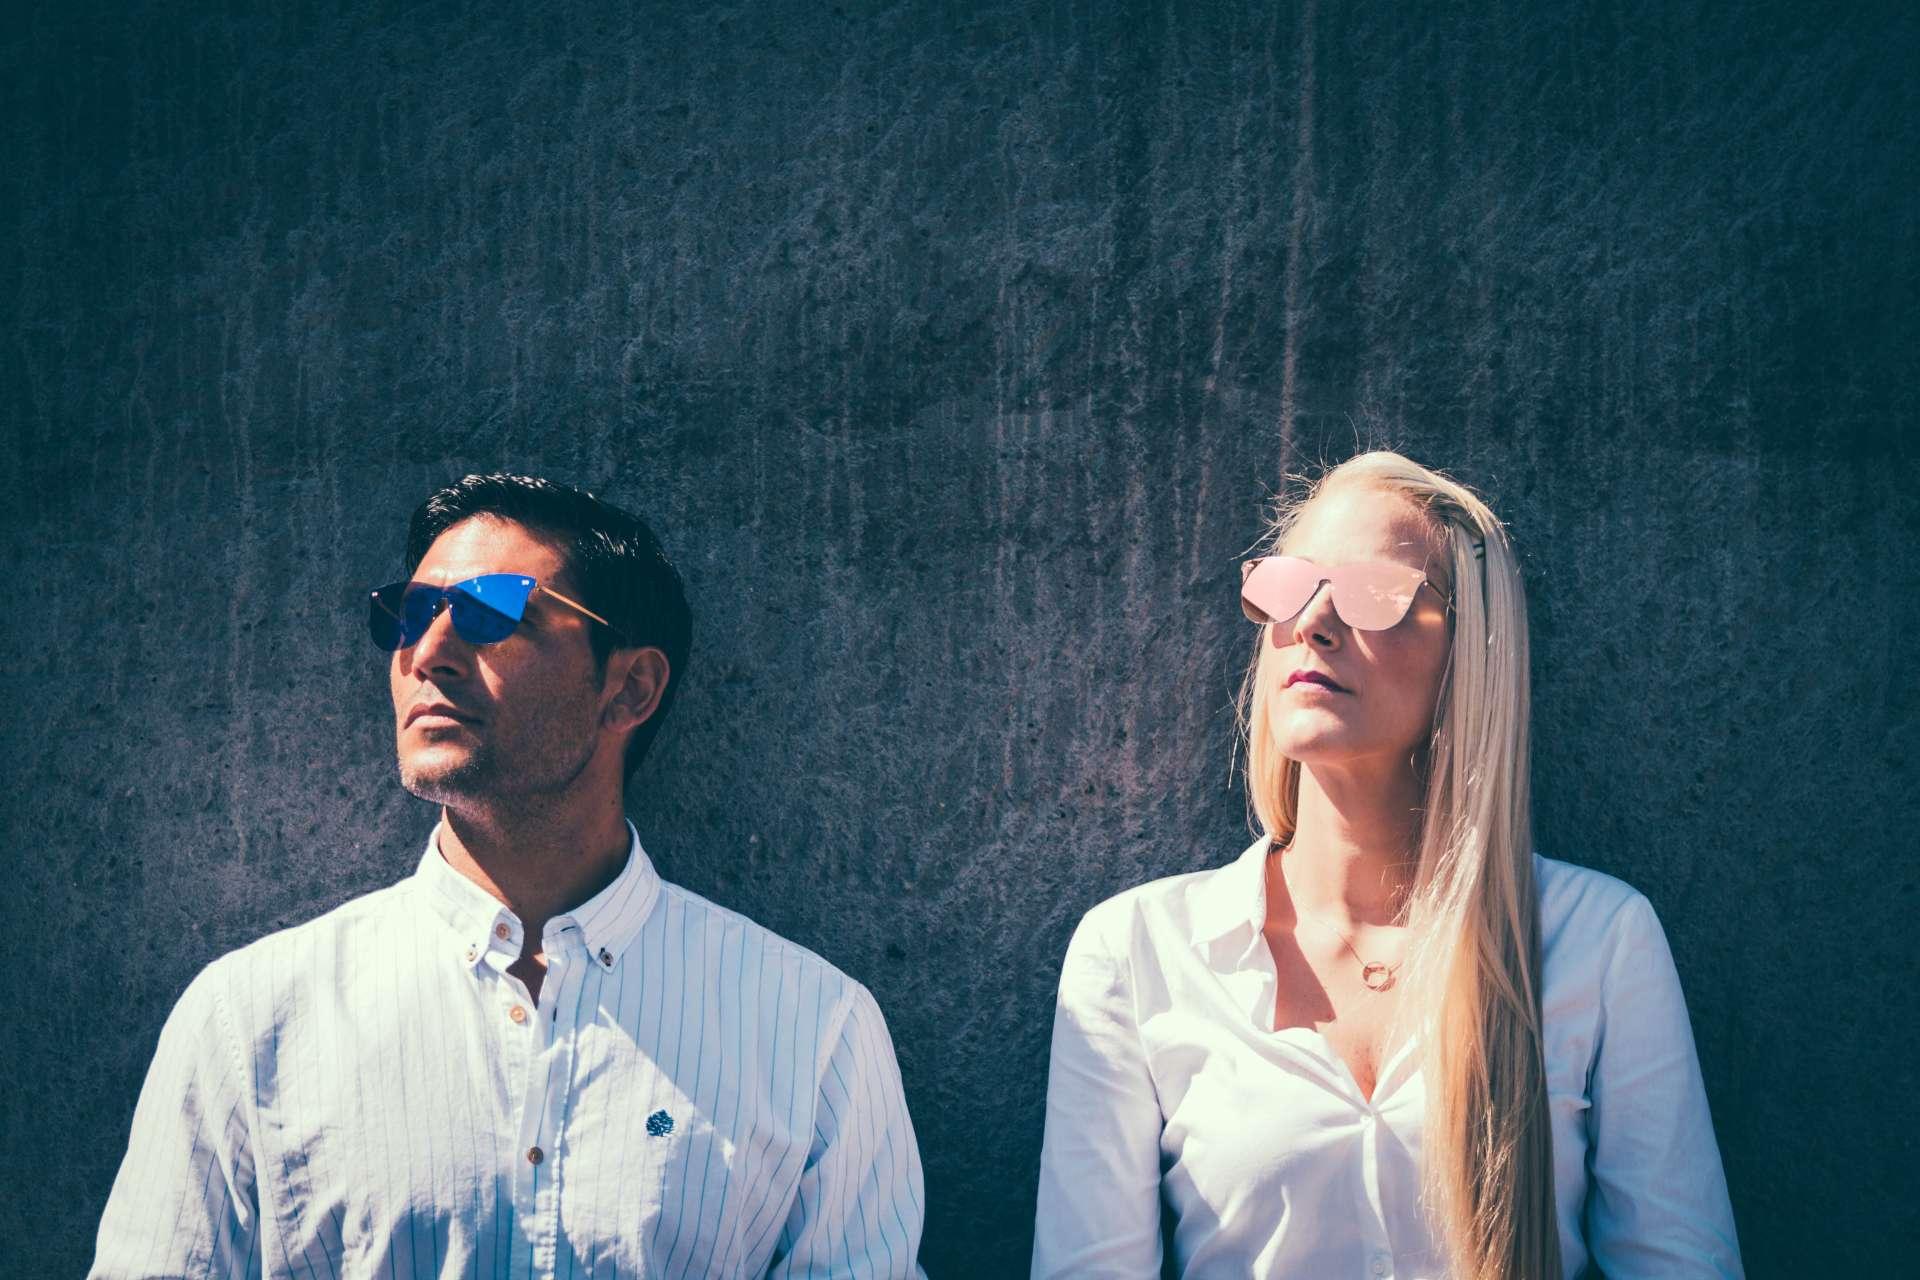 Sesión de fotos en estudio para marca de gafas de sol.